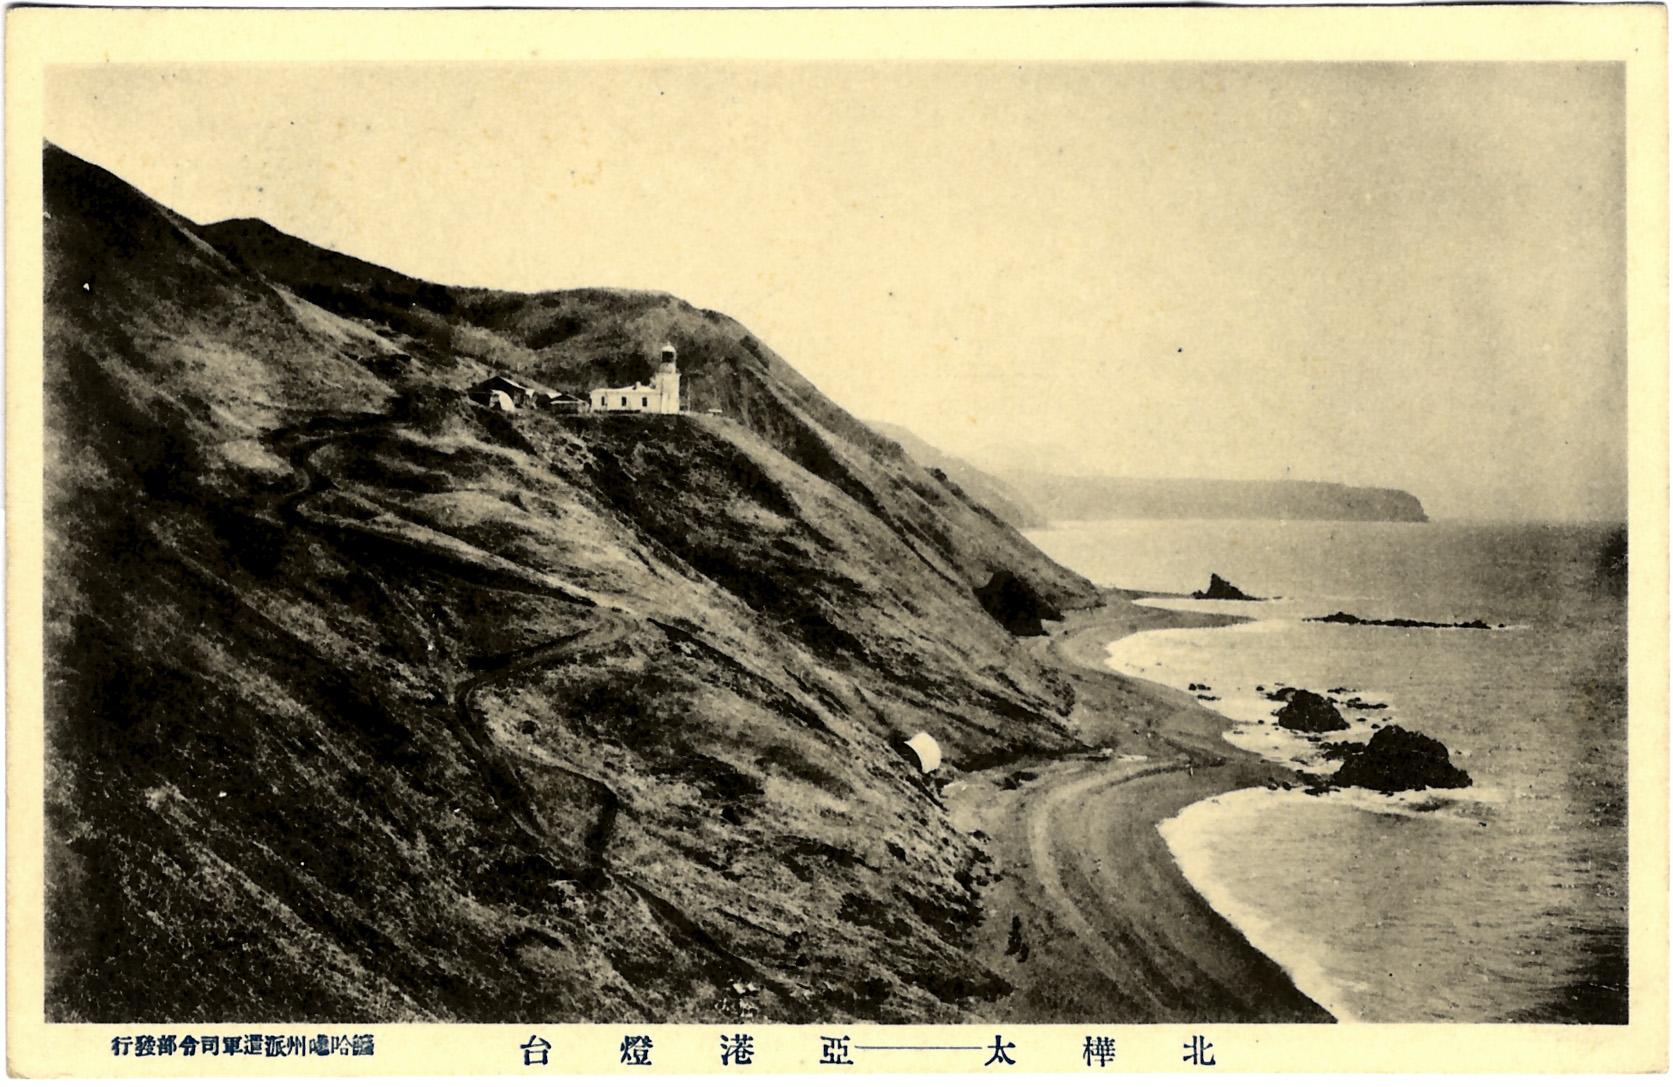 Маяк Жонкиер во время японской оккупации